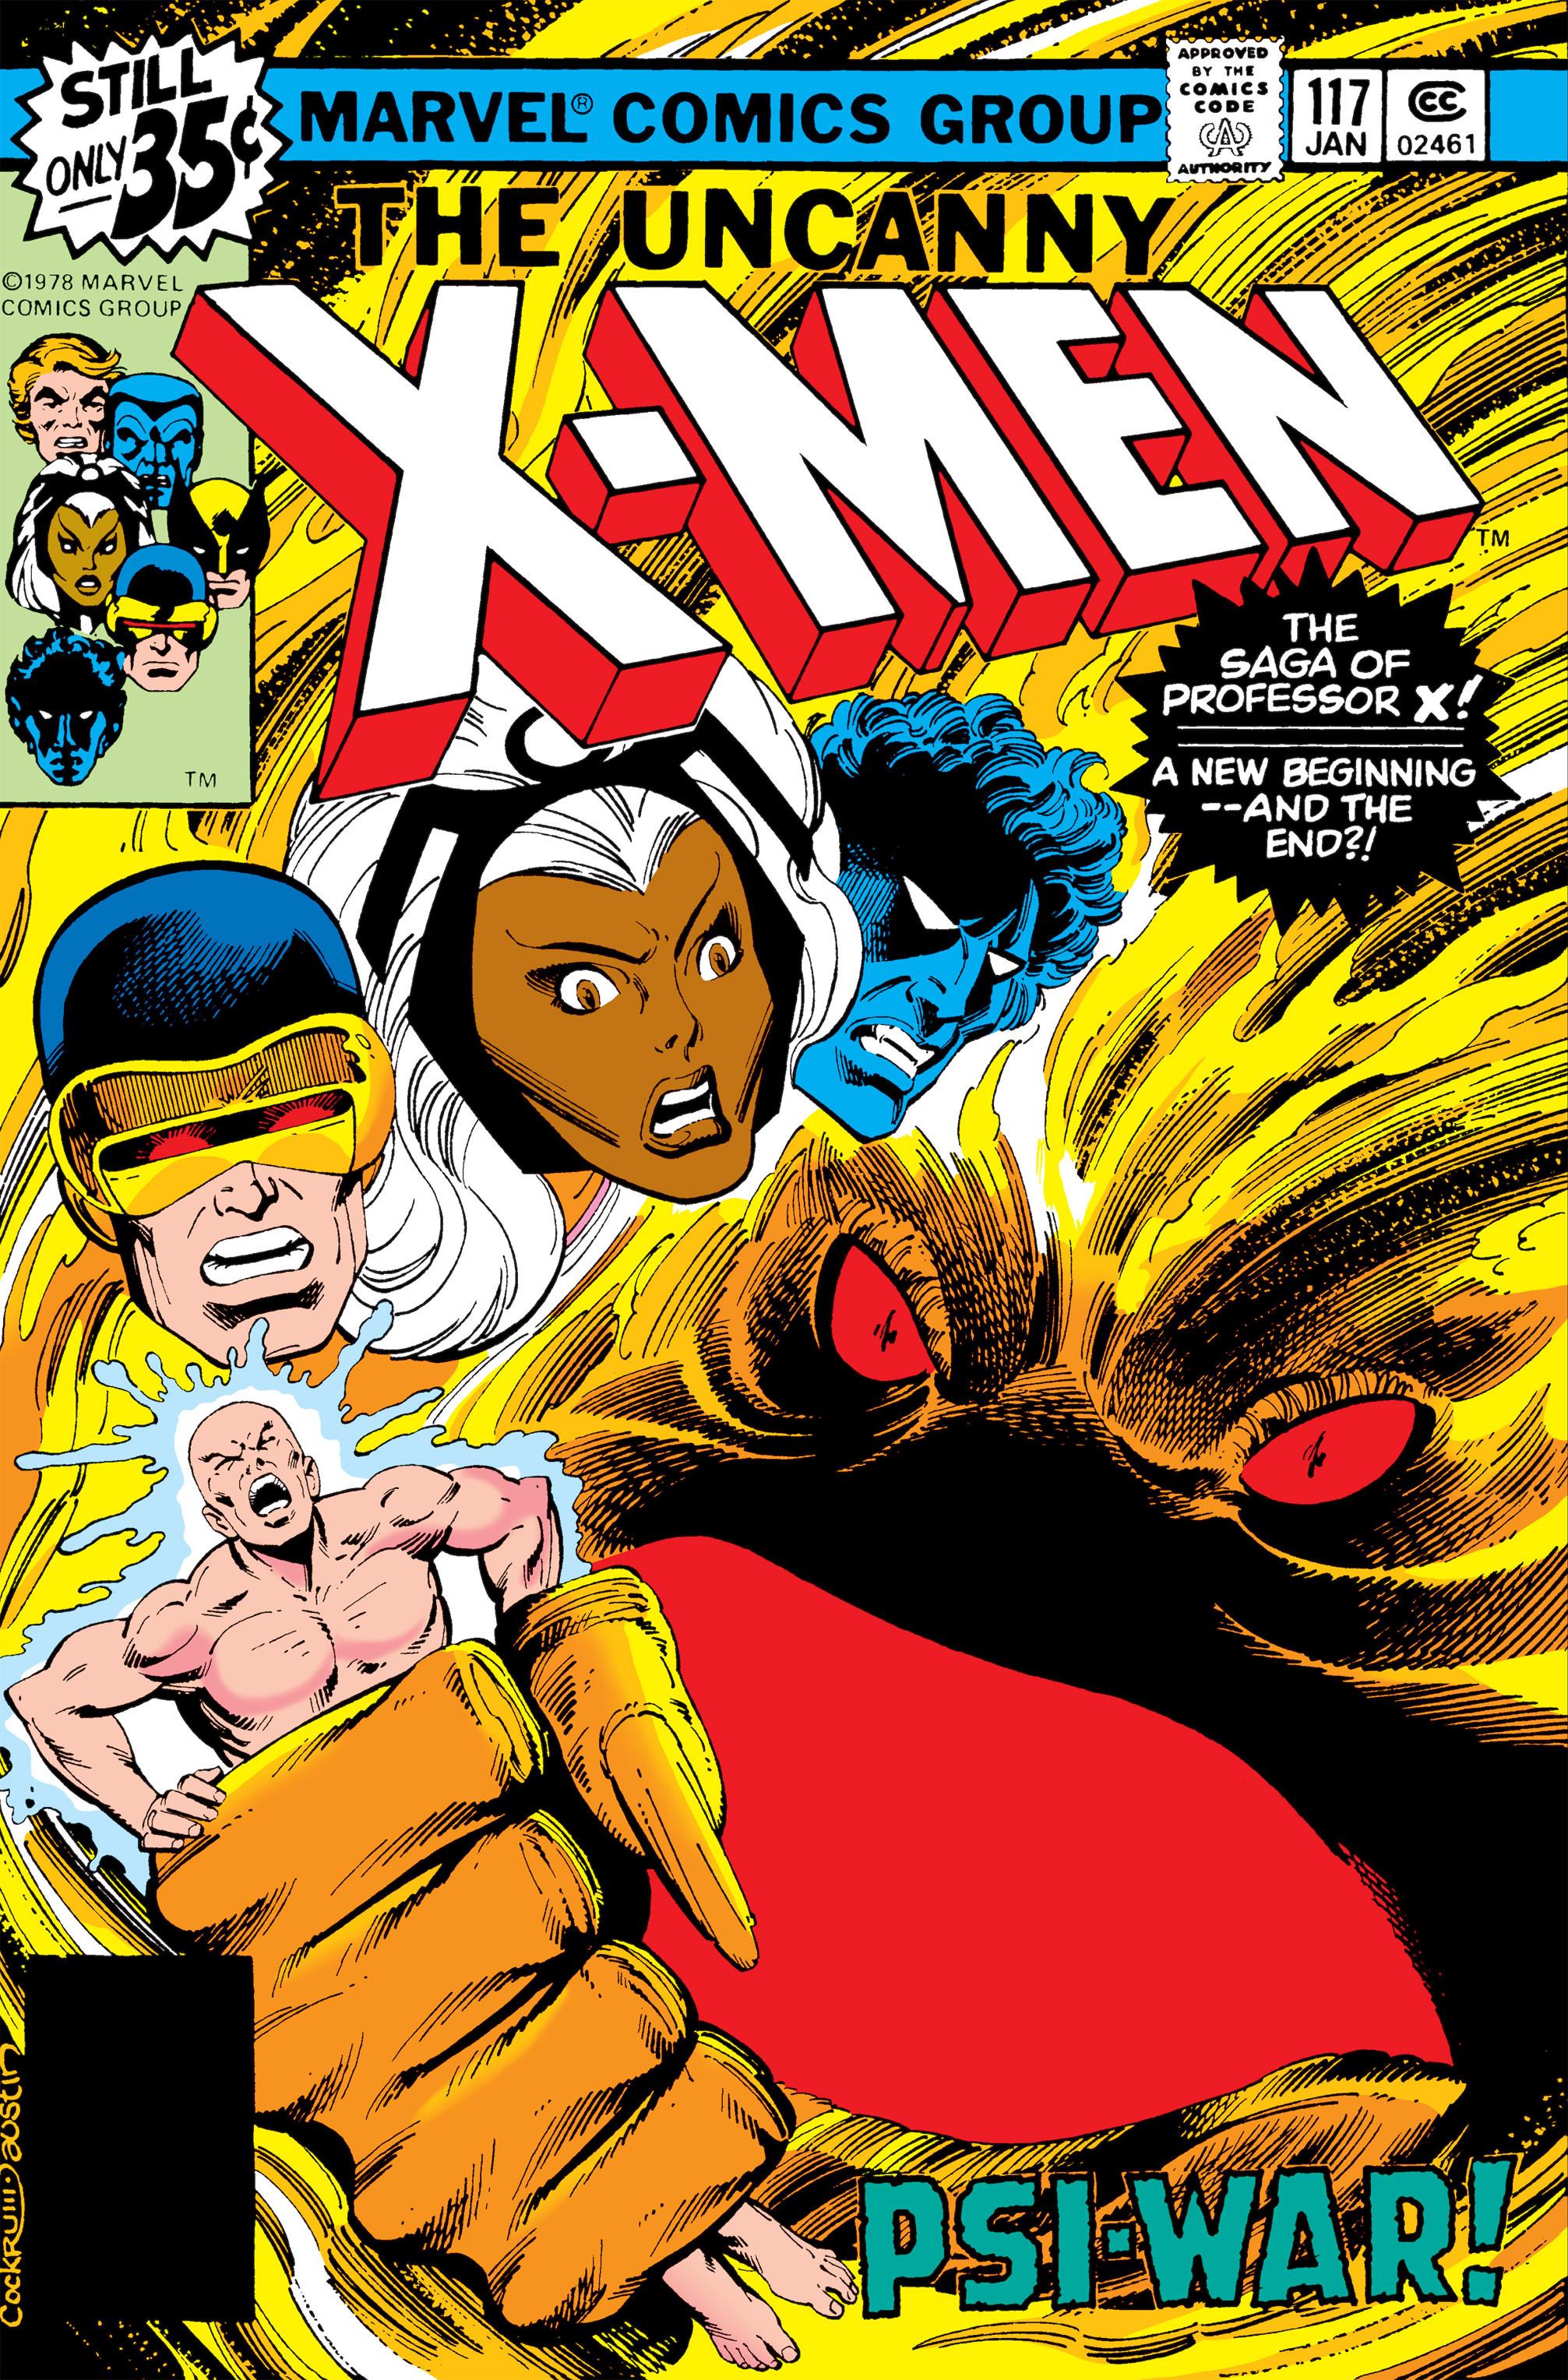 Uncanny X-Men (1963) 117 Page 1